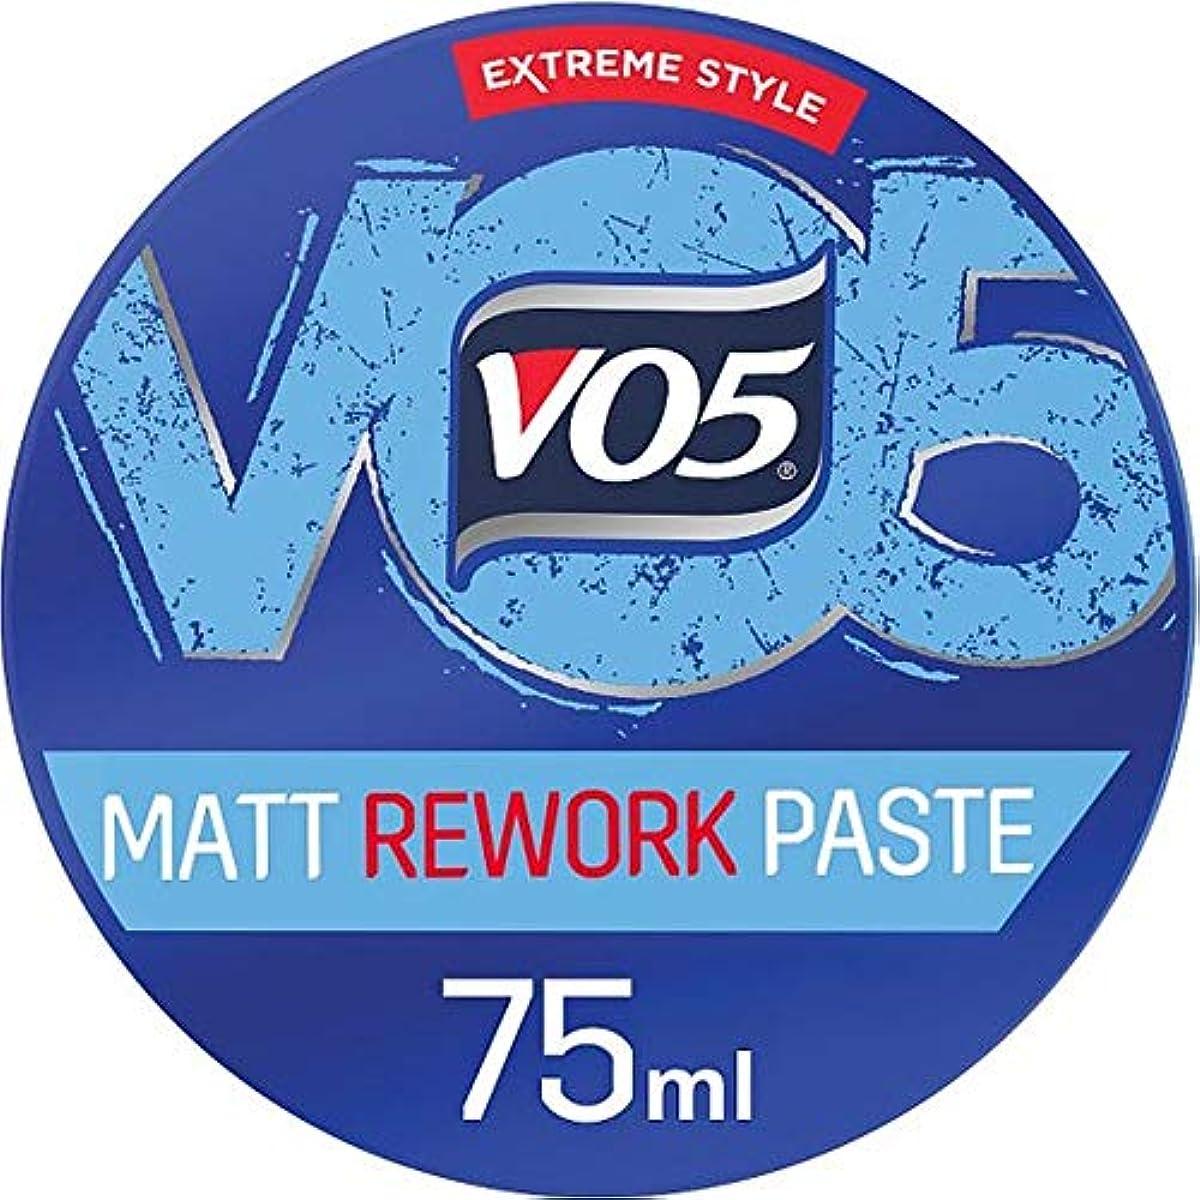 偽善アラバマフォーマル[Vo5] Vo5極端なスタイルマットリワークペースト75ミリリットル - Vo5 Extreme Style Matte Rework Paste 75Ml [並行輸入品]